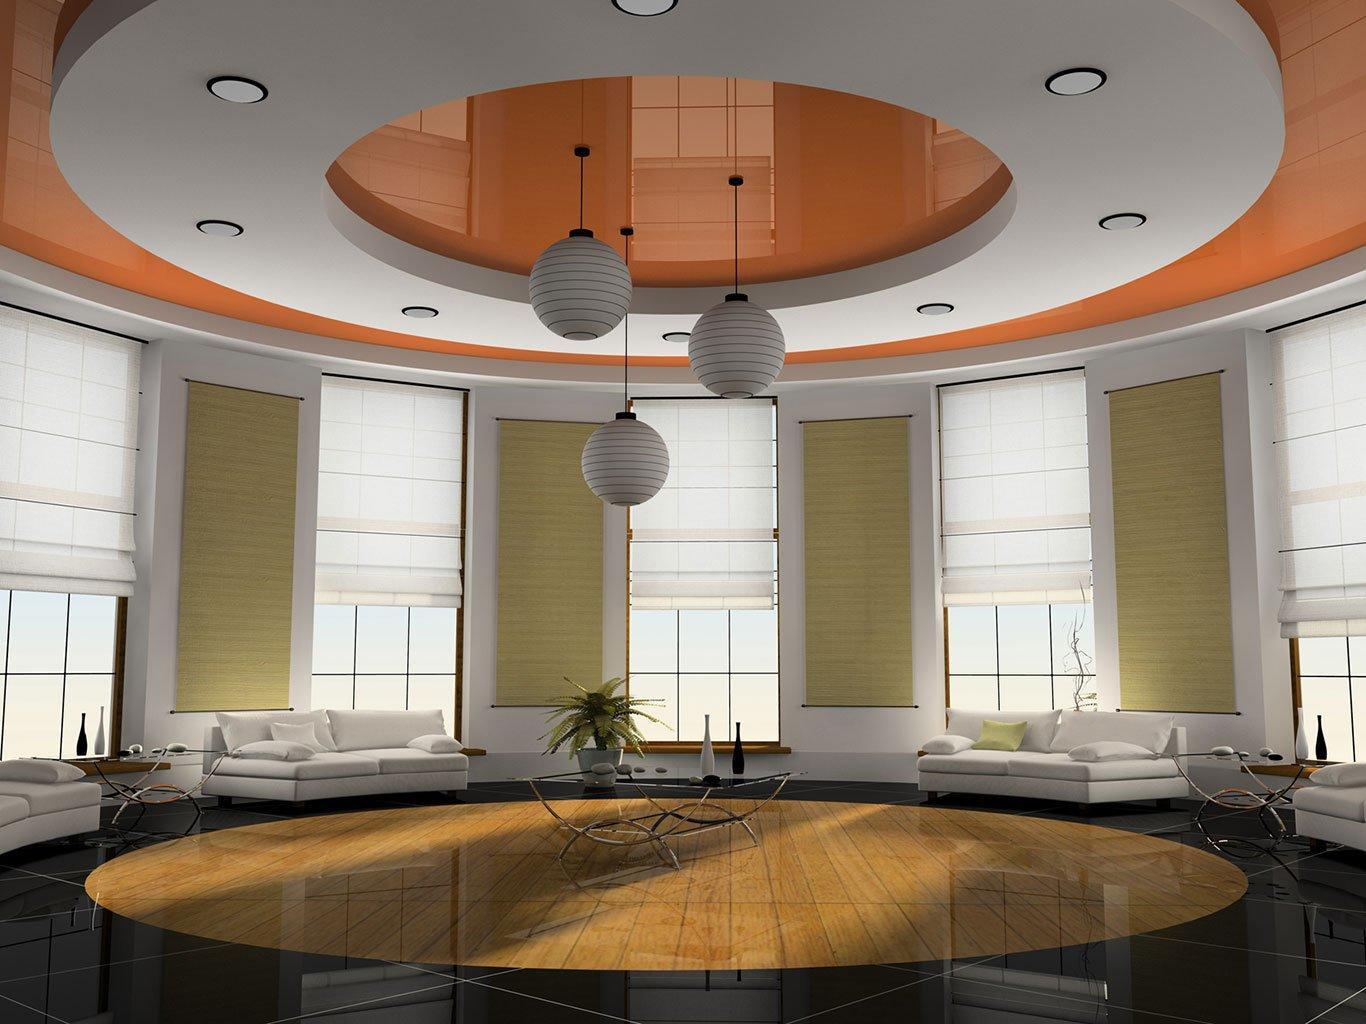 Full Size of Schöne Decken Schne Lockige Eine Kreative Innenlsung Deckenleuchte Wohnzimmer Deckenlampen Modern Deckenstrahler Betten Deckenlampe Schlafzimmer Wohnzimmer Schöne Decken